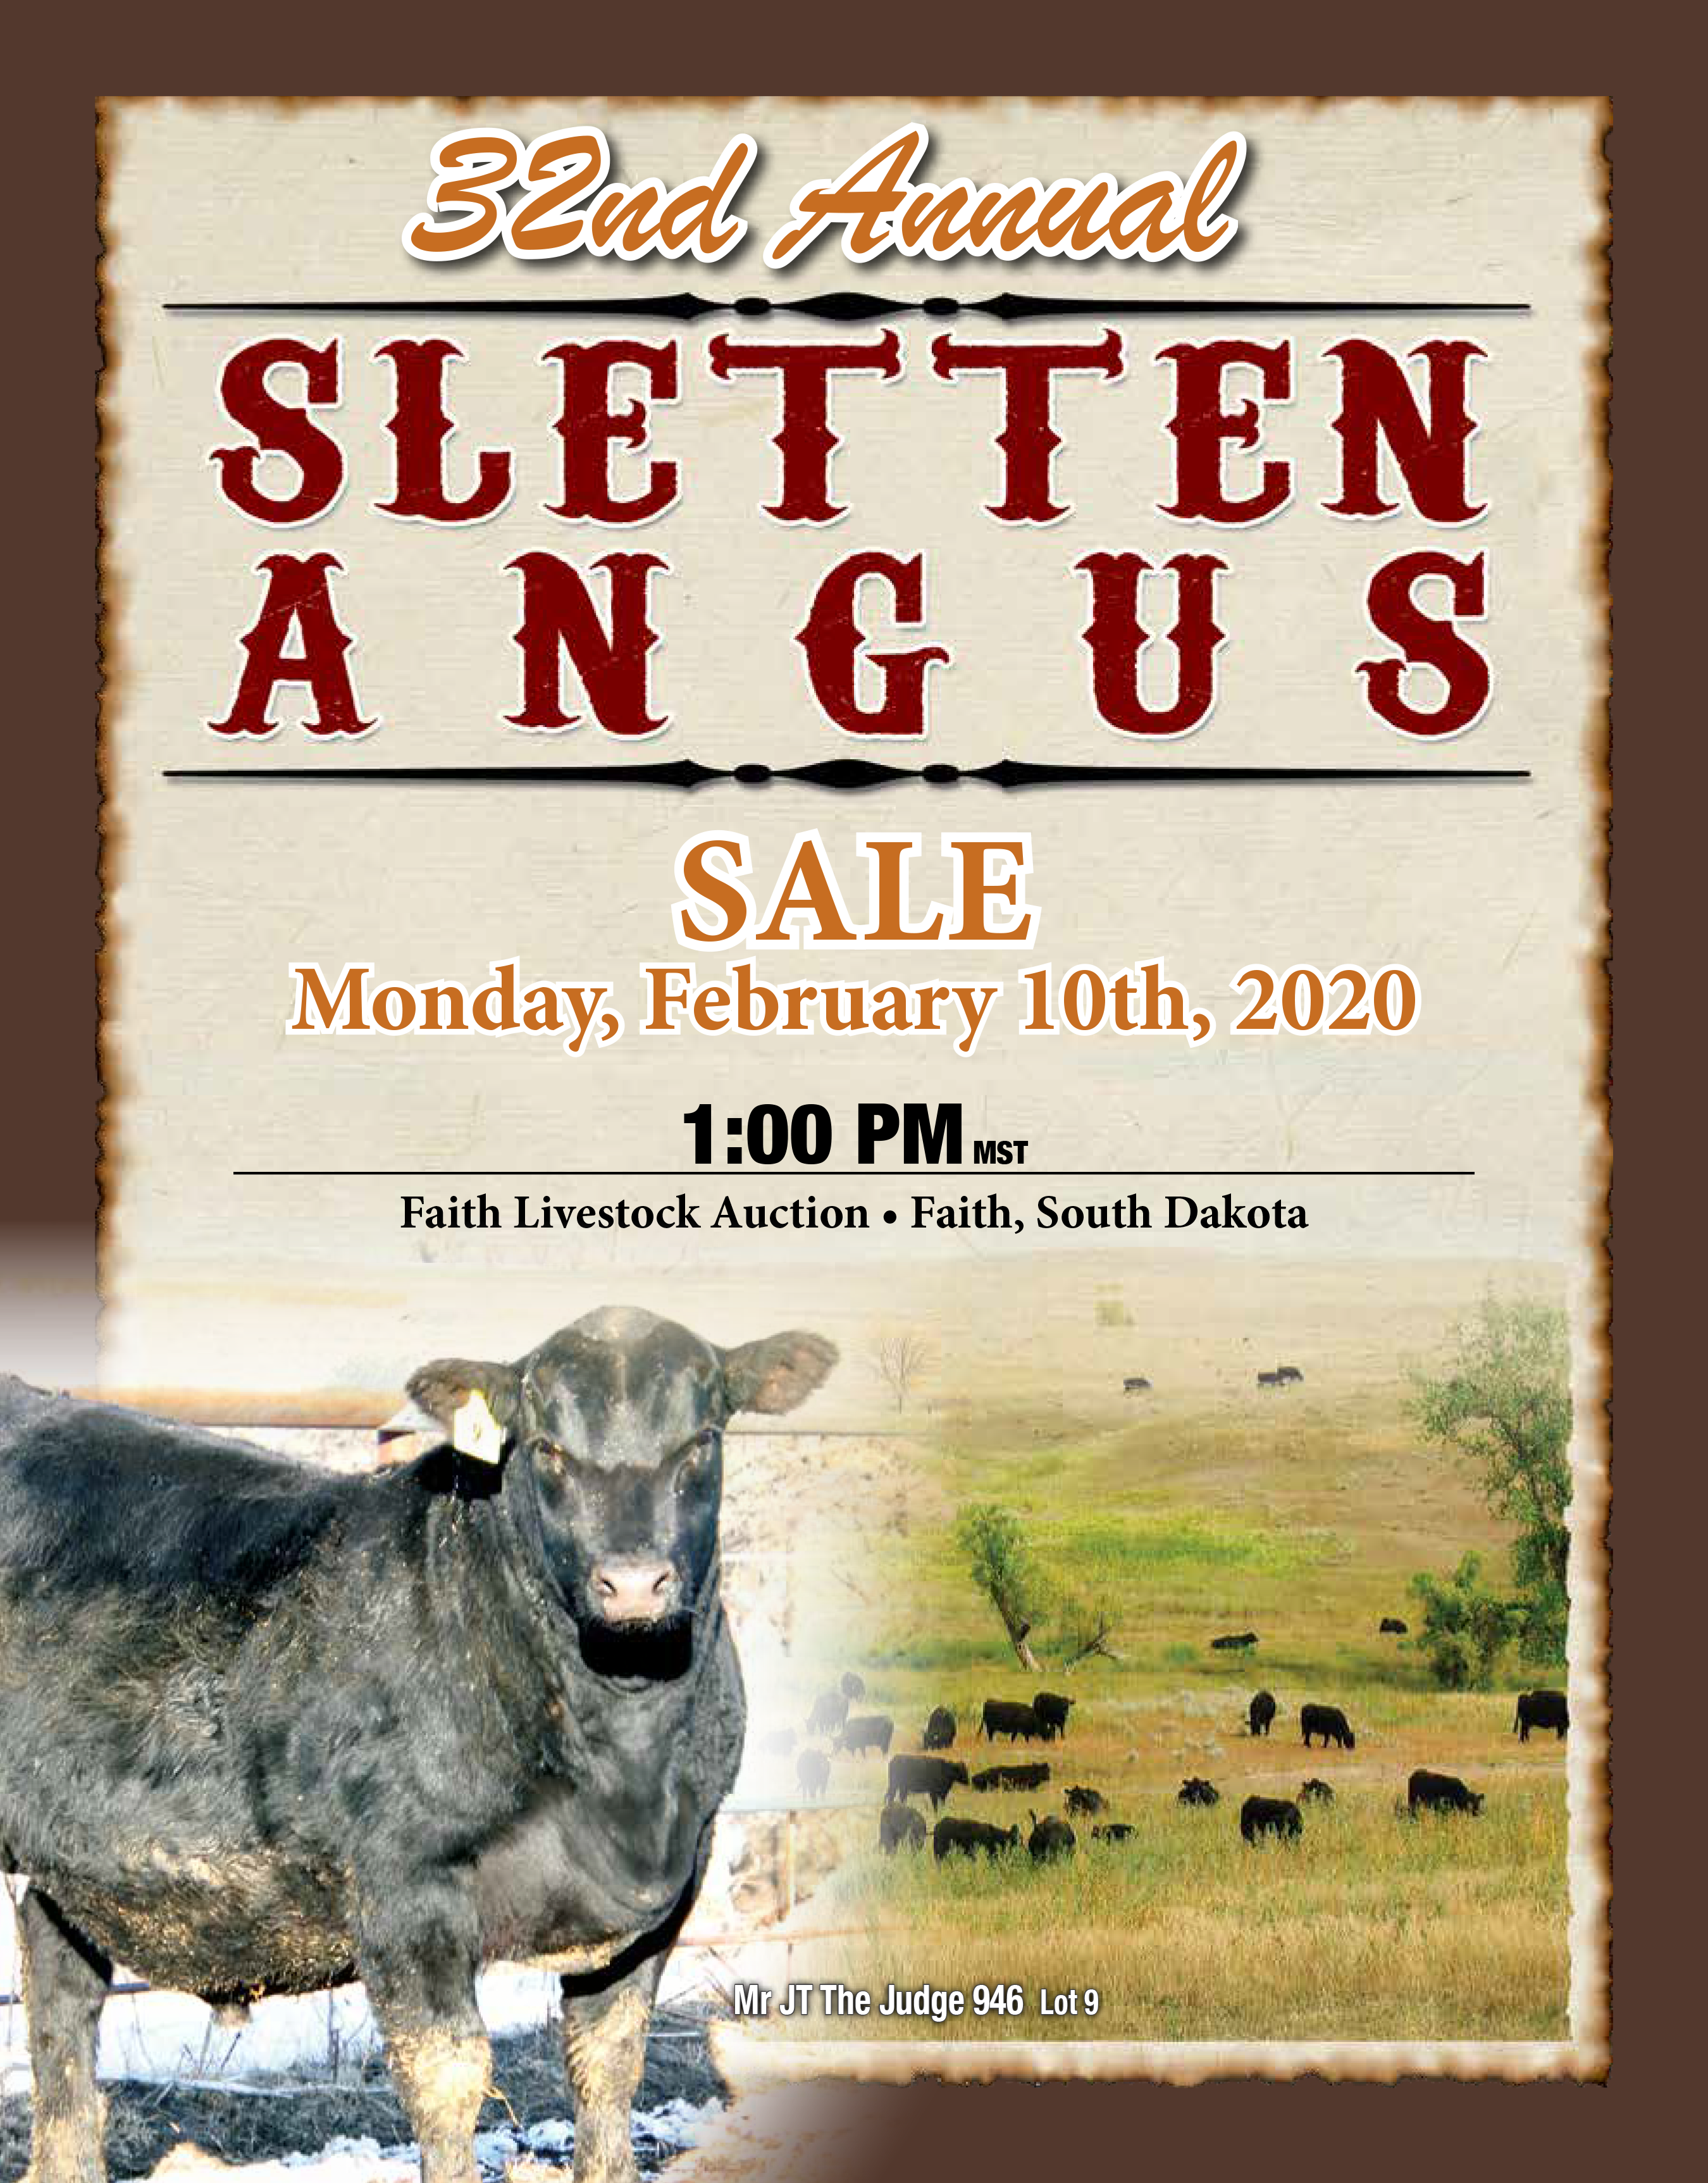 2020 Sletten Angus Catalog-1